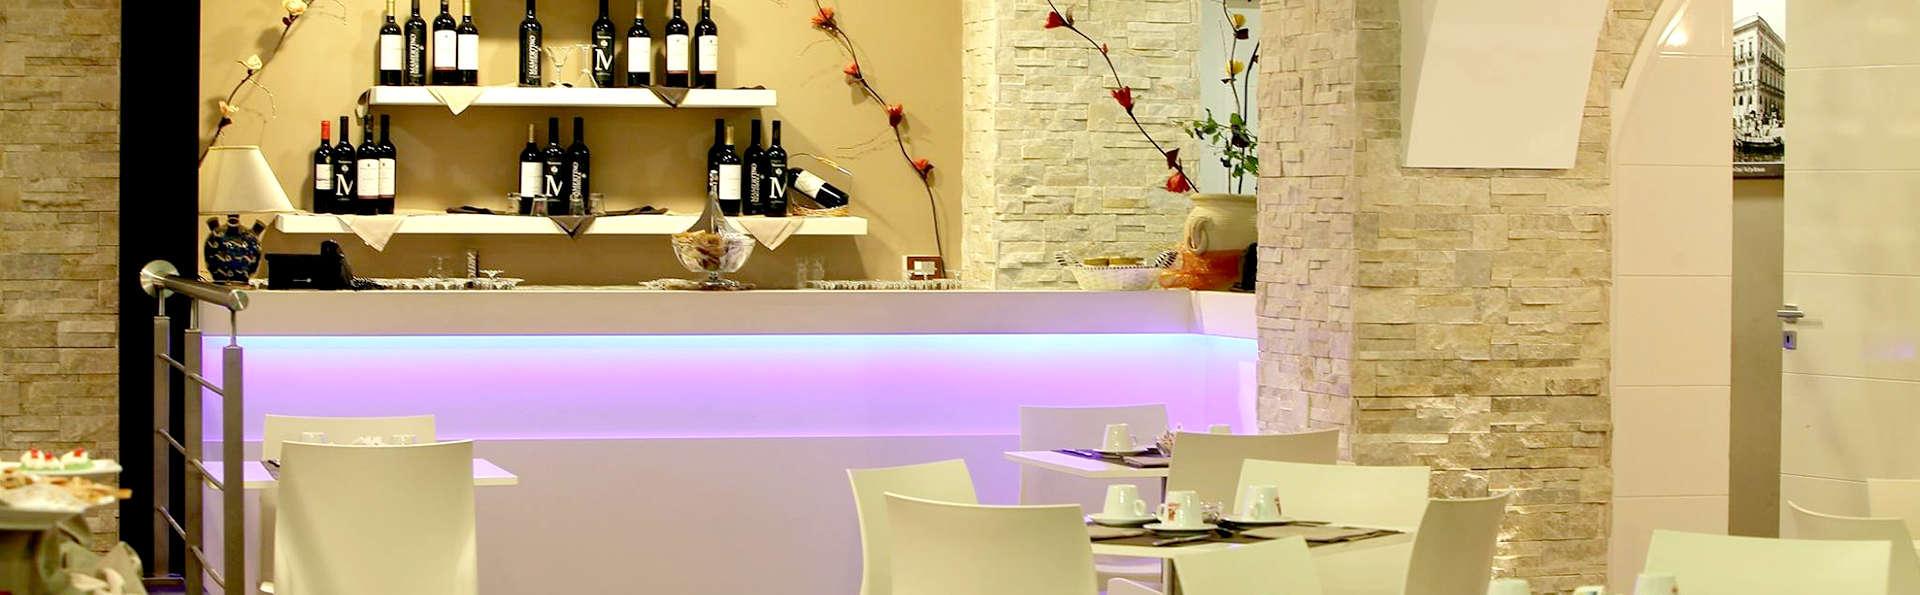 Soggiorno nel centro storico di Palermo con cena inclusa nel prezzo